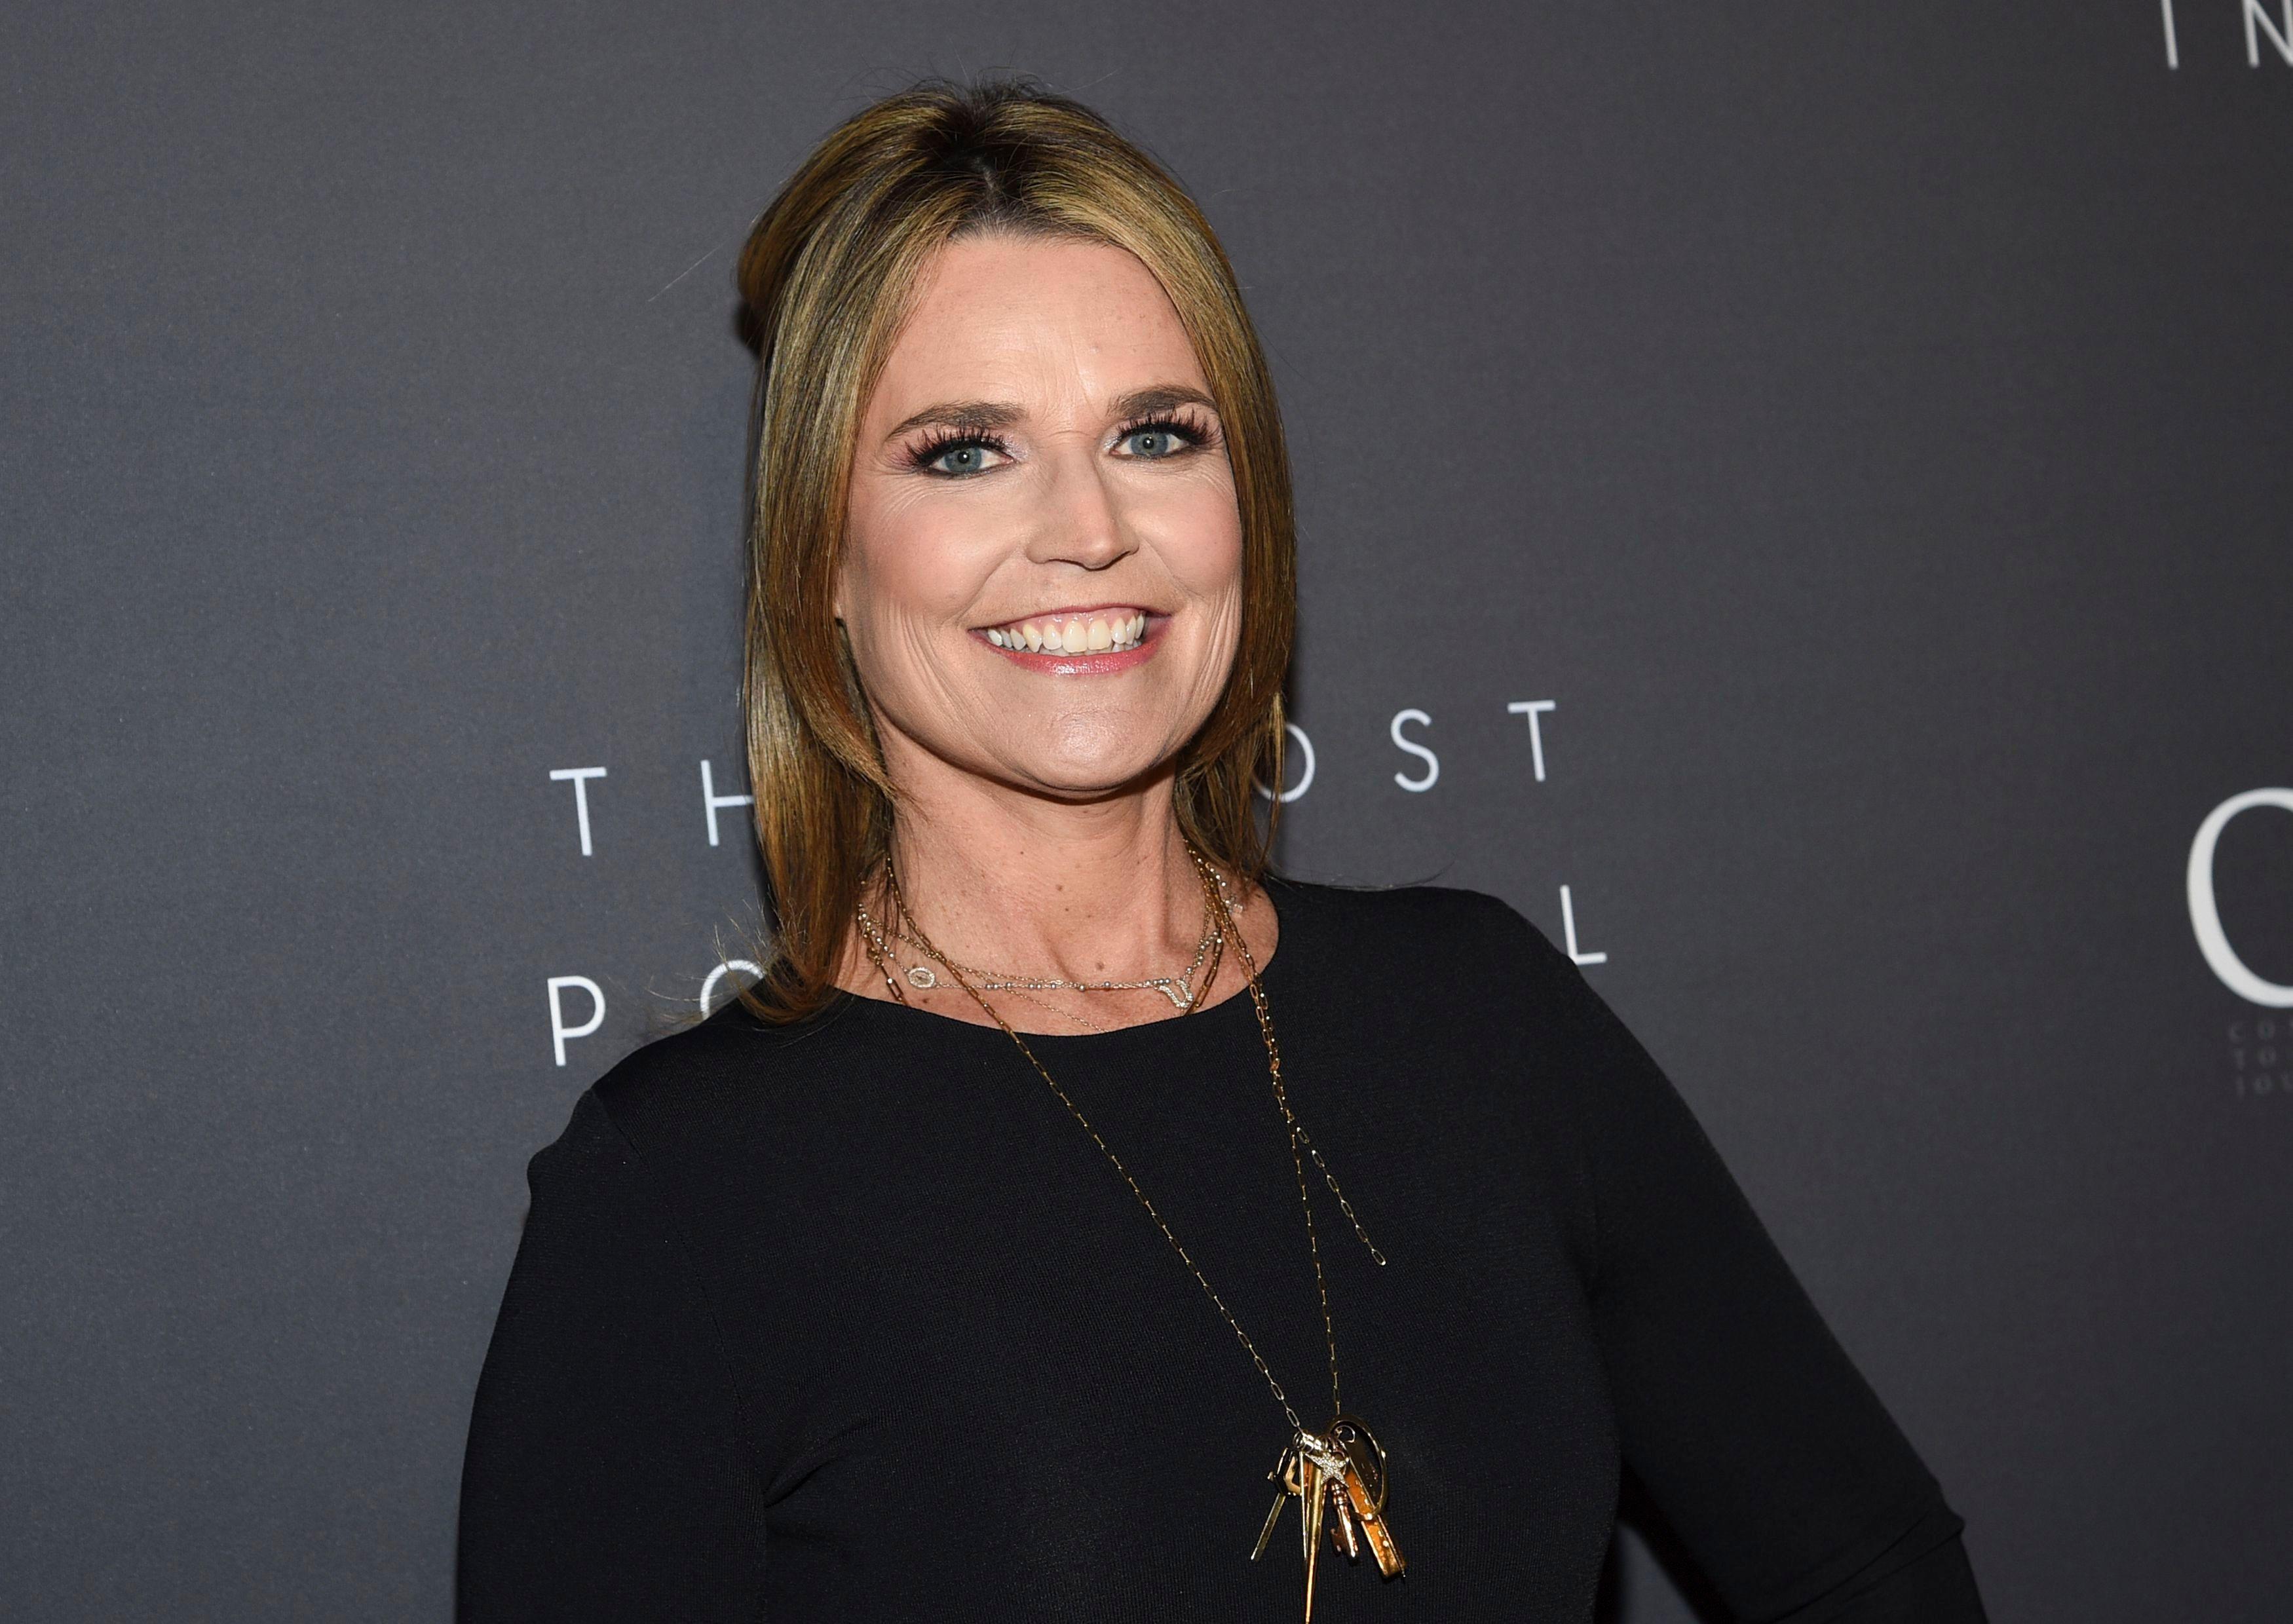 Savannah Guthrie Updates Fans After Eye Surgery, Praises 'Superhero' Husband